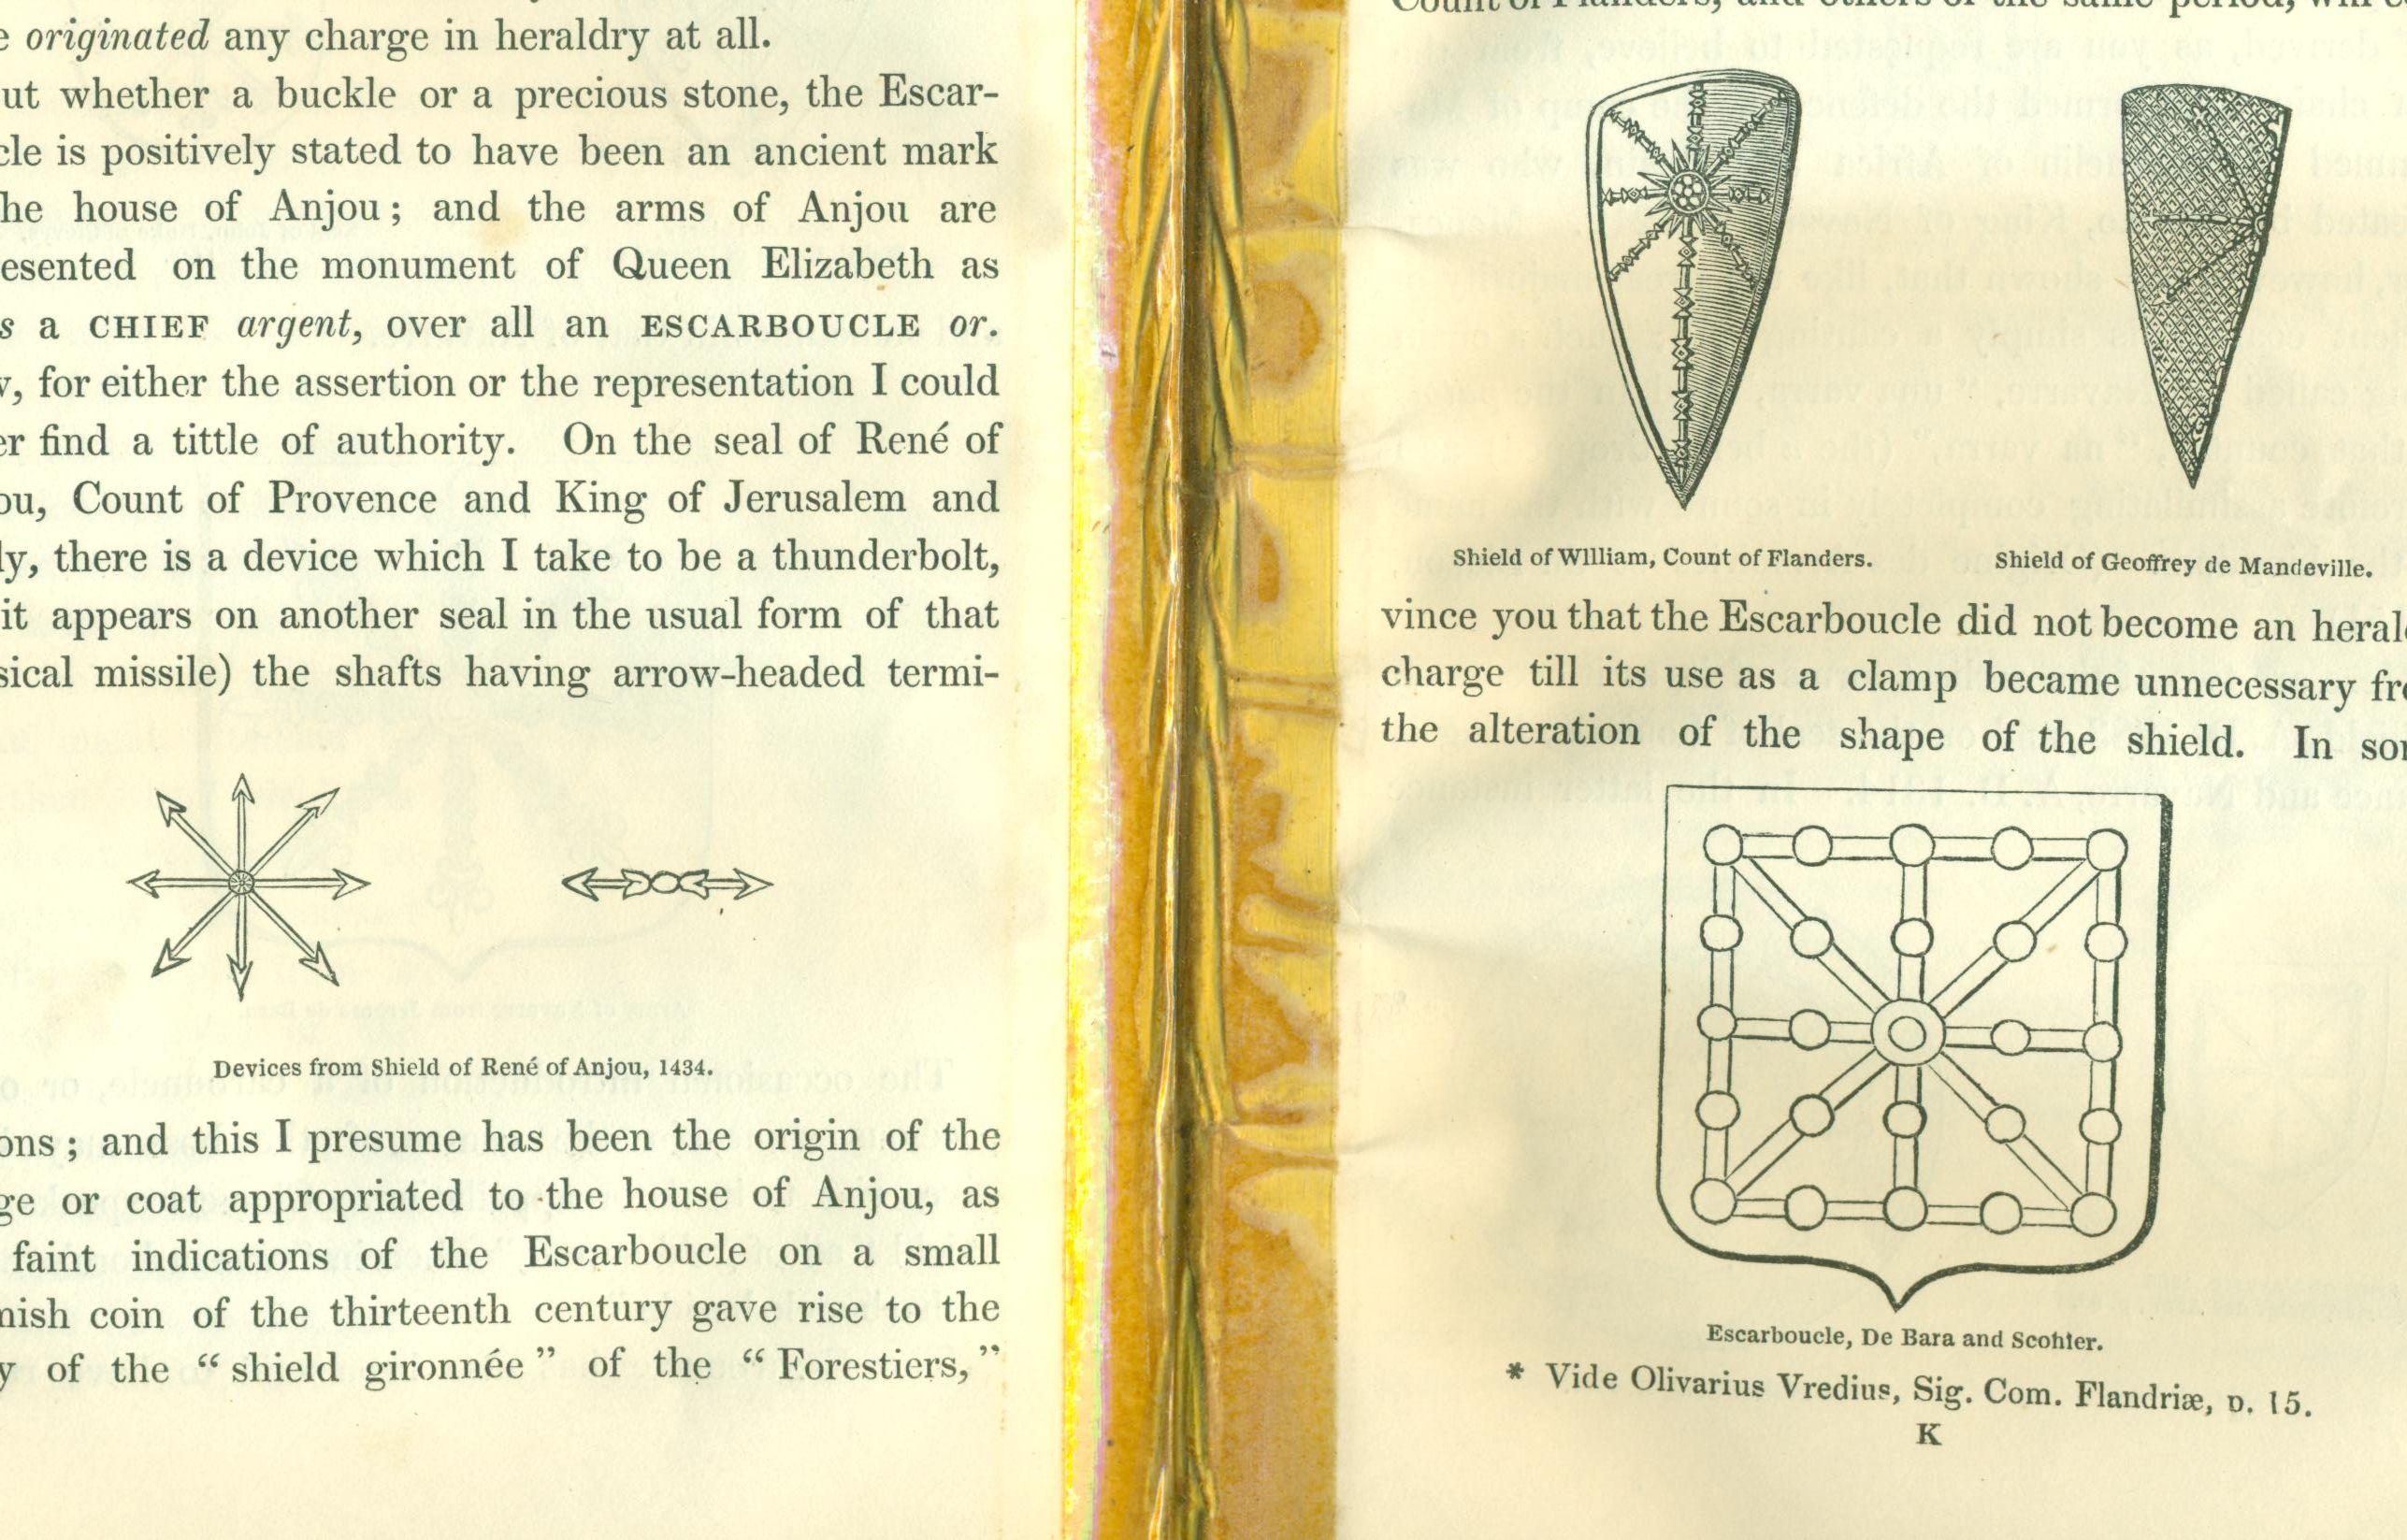 Eine Beispielseite aus dem Original.